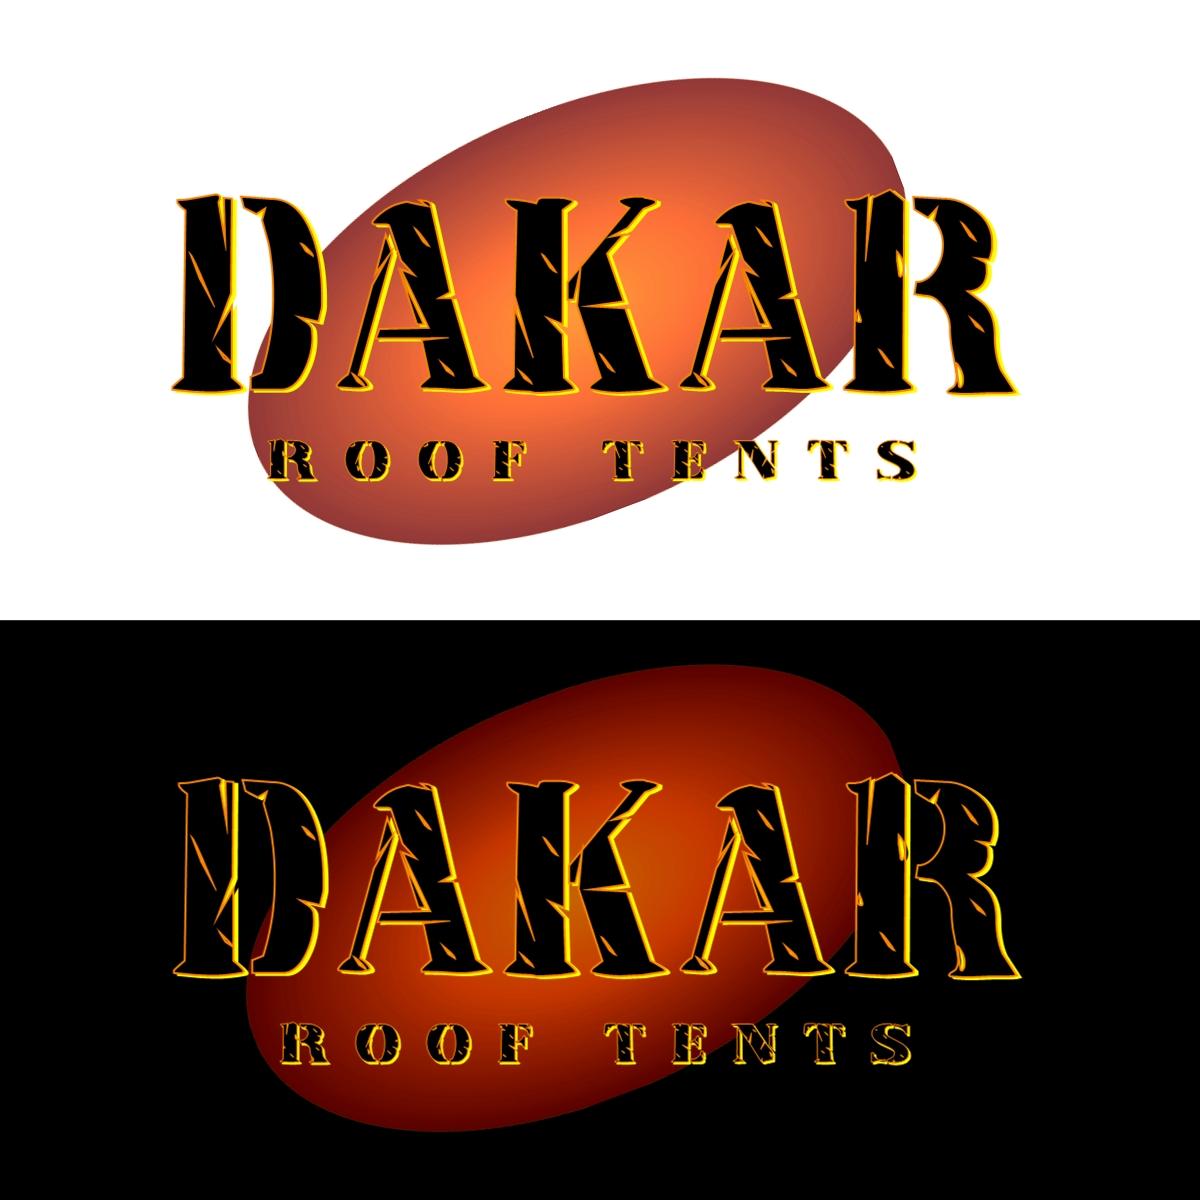 Logo Design by Joseph calunsag Cagaanan - Entry No. 70 in the Logo Design Contest Dakar Roof Tents.